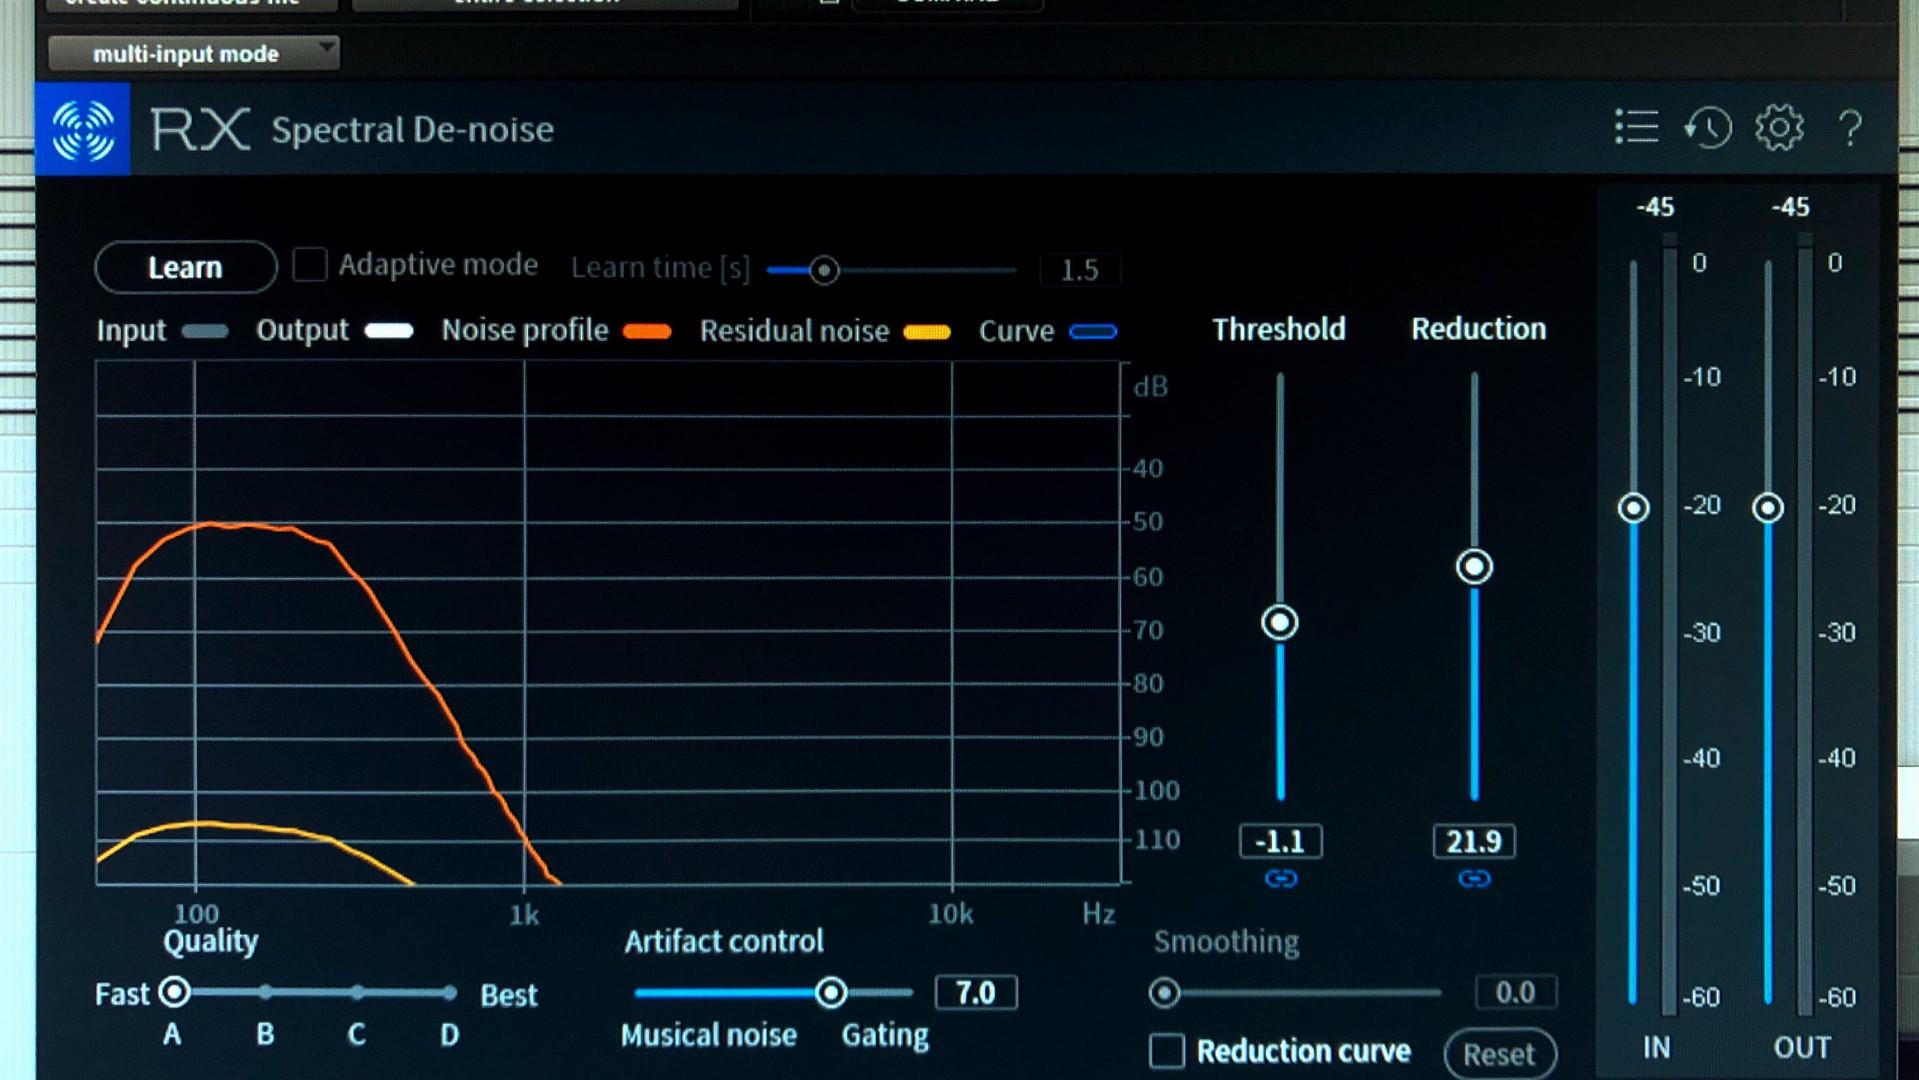 RX Spectral De-noise Plug-In